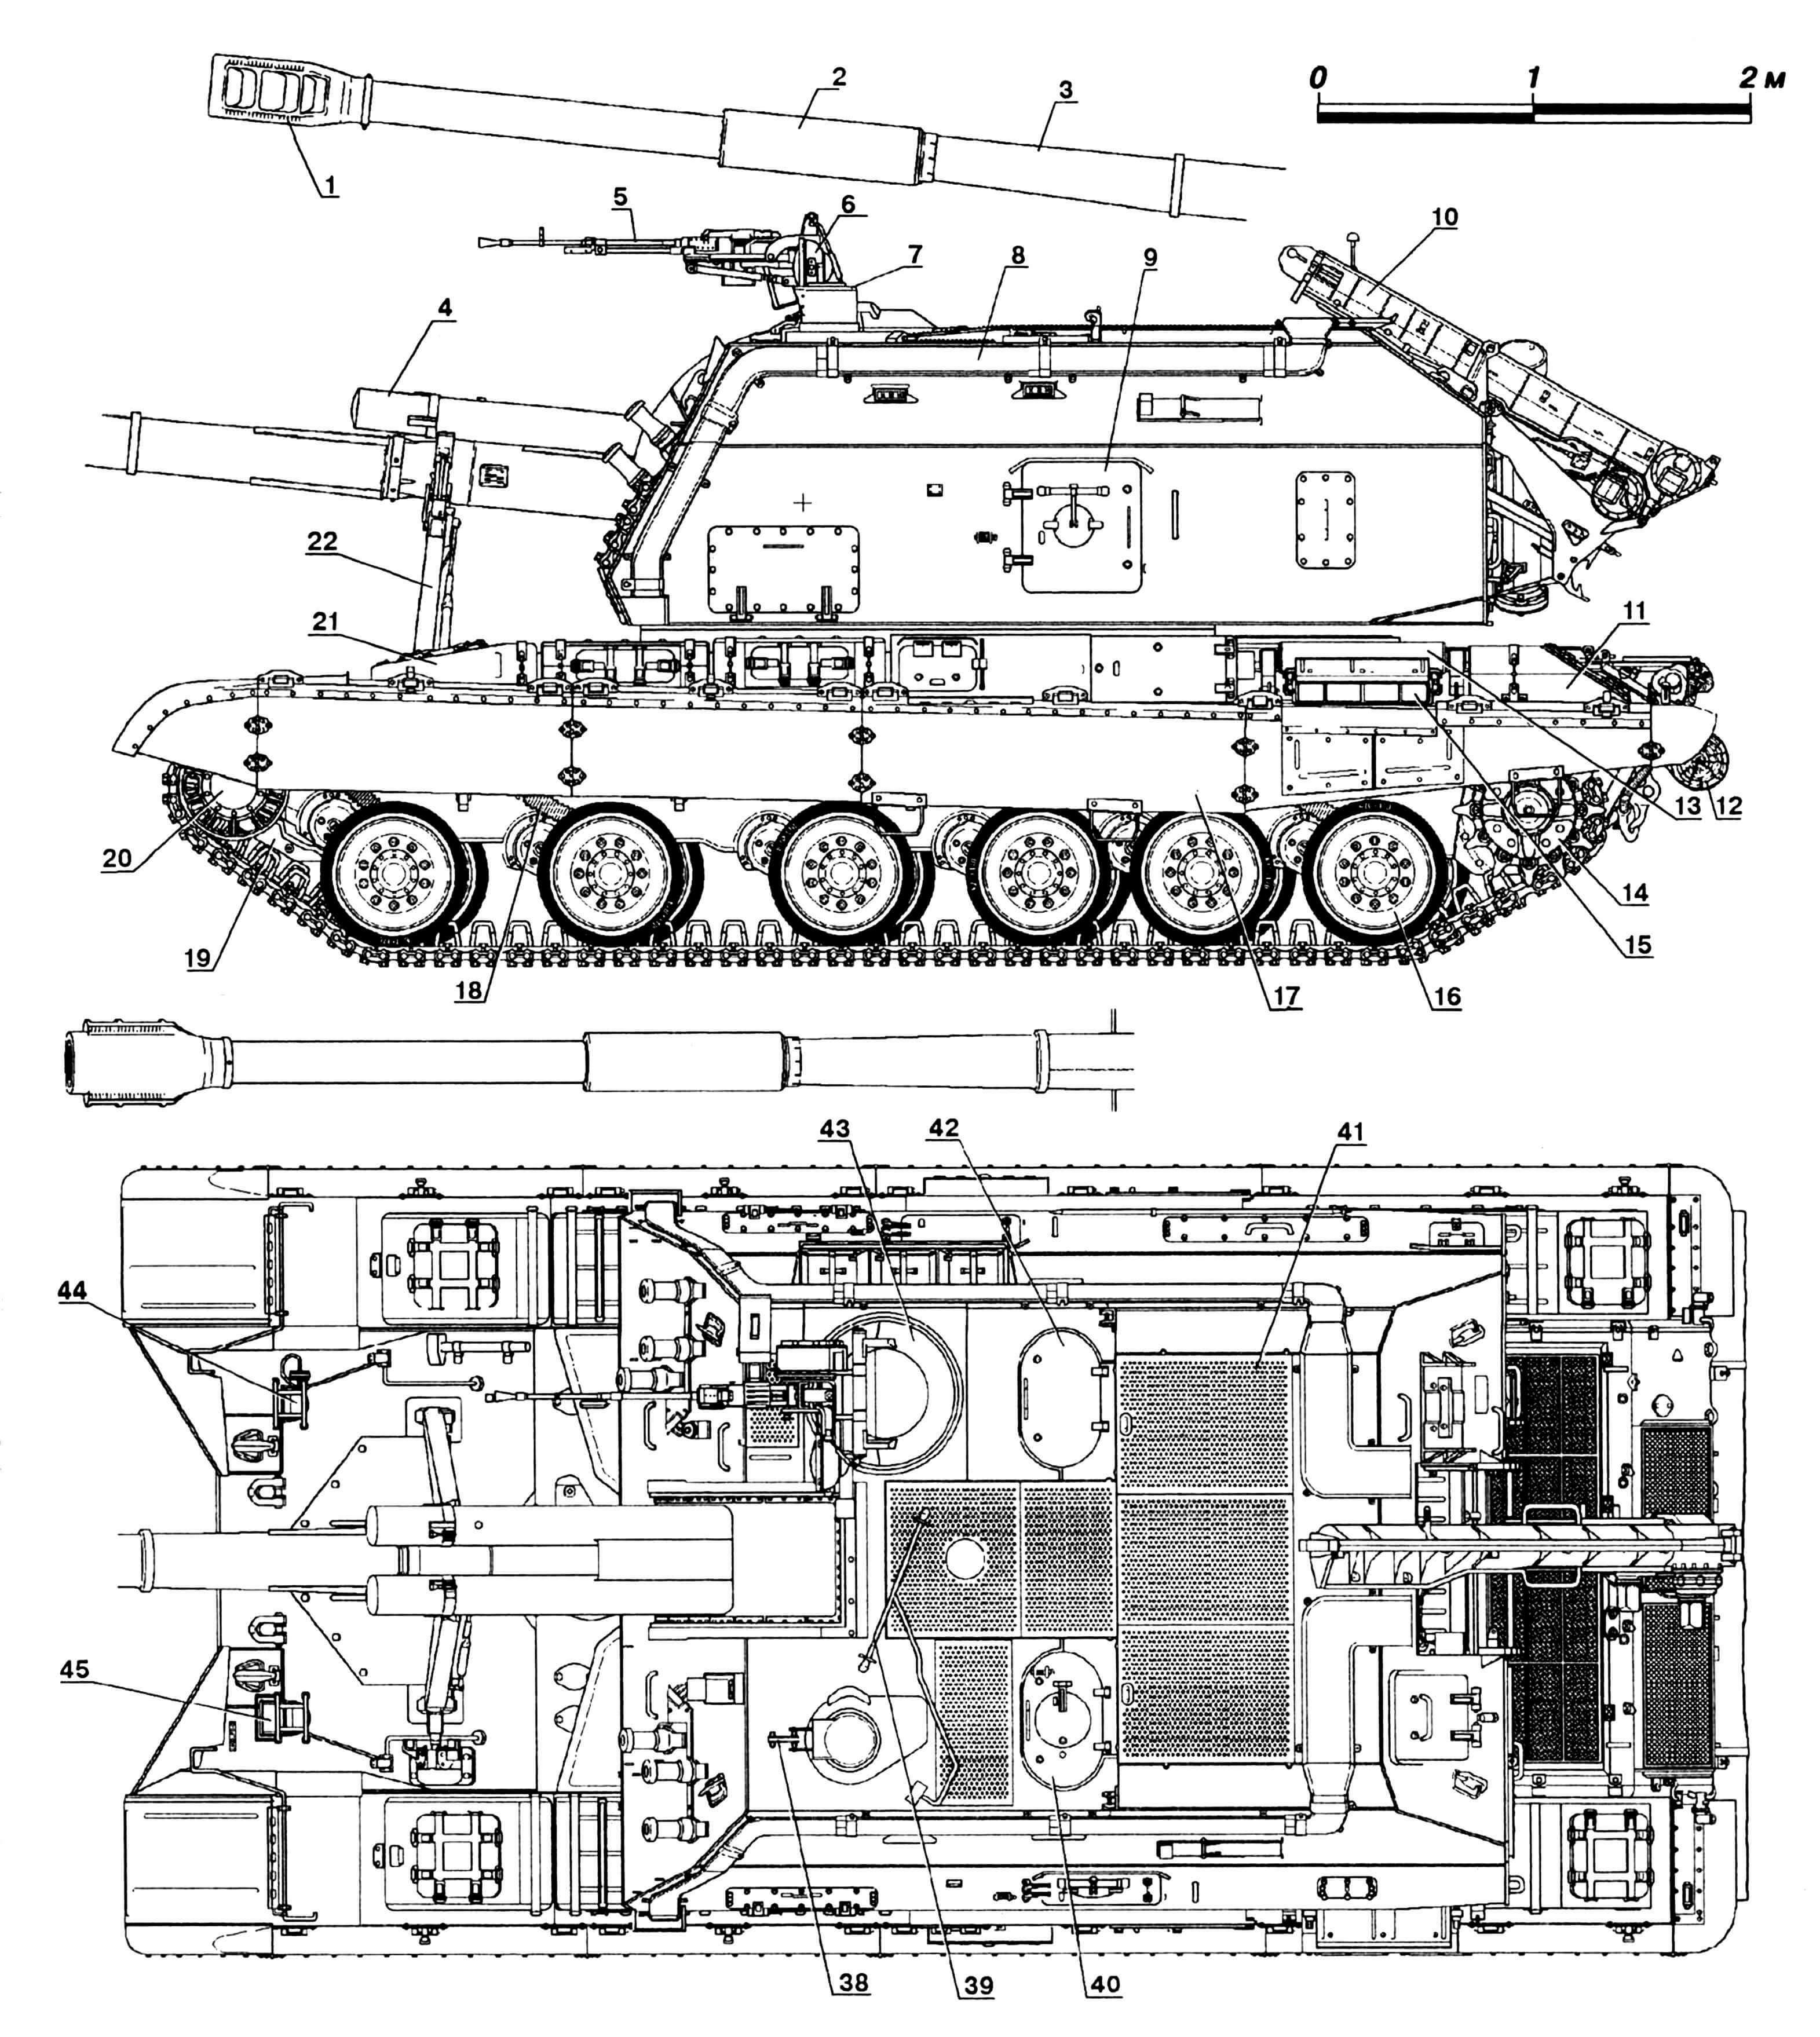 Самоходная артиллерийская установка 2С19 «Мста-С» № 1010ШТ8037 выпуска 1993 года: 1 — тормоз дульный; 2 — ресивер; 3 — 152-мм гаубица 2А64; 4 — откатное устройство (2 шт.); 5 — 12,7-мм пулемет НСВТ-12,7 «Утес»; 6 — осветитель ОУ-3ГАМ «Узор»; 7 — прицел панорамный 1П22; 8 — воздуховод системы воздухоочистки; 9 — люк наводчика бортовой; 10 — конвейер подачи снарядов с грунта; 11 — ящики ЗИП задние; 12 — бревно для самовытаскивания; 13 — бак для масла; 14 — колесо ведущее; 15 — патрубок двигателя выхлопной; 16 — каток опорный; 17 — экран бортовой резинотканевый; 18 — гидроамортизатор; 19 — самоокапыватель; 20 — колесо направляющее; 21 — ящик ЗИП передний (2 шт.); 22 — кронштейн крепления ствола по-походному; 23 — петли для швартовки машины в самолете; 24 — лючок выброса стреляных гильз; 25 — 81-мм дымовые гранаты системы 902В «Туча»; 26 — крюки для снятия башни; 27 — окно прицела прямой наводки; 28 — шторка прицела 1П22, защитная; 29 — прицел установки ПЗУ-5; 30 — ввод антенный; 31 —ящик патронный пулемета НСВТ-12,7; 32 — ночной прибор ТКН-ЗМ «Речник», командирский; 33 — ящики патронные запасные пулемета НСВТ-12,7; 34 — пила в чехле; 35 —люк доступа к трансмиссии; 36 — оборудование ОПВТ; 37 — люк подачи снарядов с грунта; 38 — патрубок системы пневмоочистки стекла прицела 1П22; 39 — штырь мерный; 40 — люк наводчика с лючком установки трубы ОПВТ; 41 — рифленые дорожки для хождения; 42 — люк заряжающего; 43 — люк командира; 44 — фара ФГ-125 с ИК-фильтром; 45 — фара ФГ-127 со СМУ.